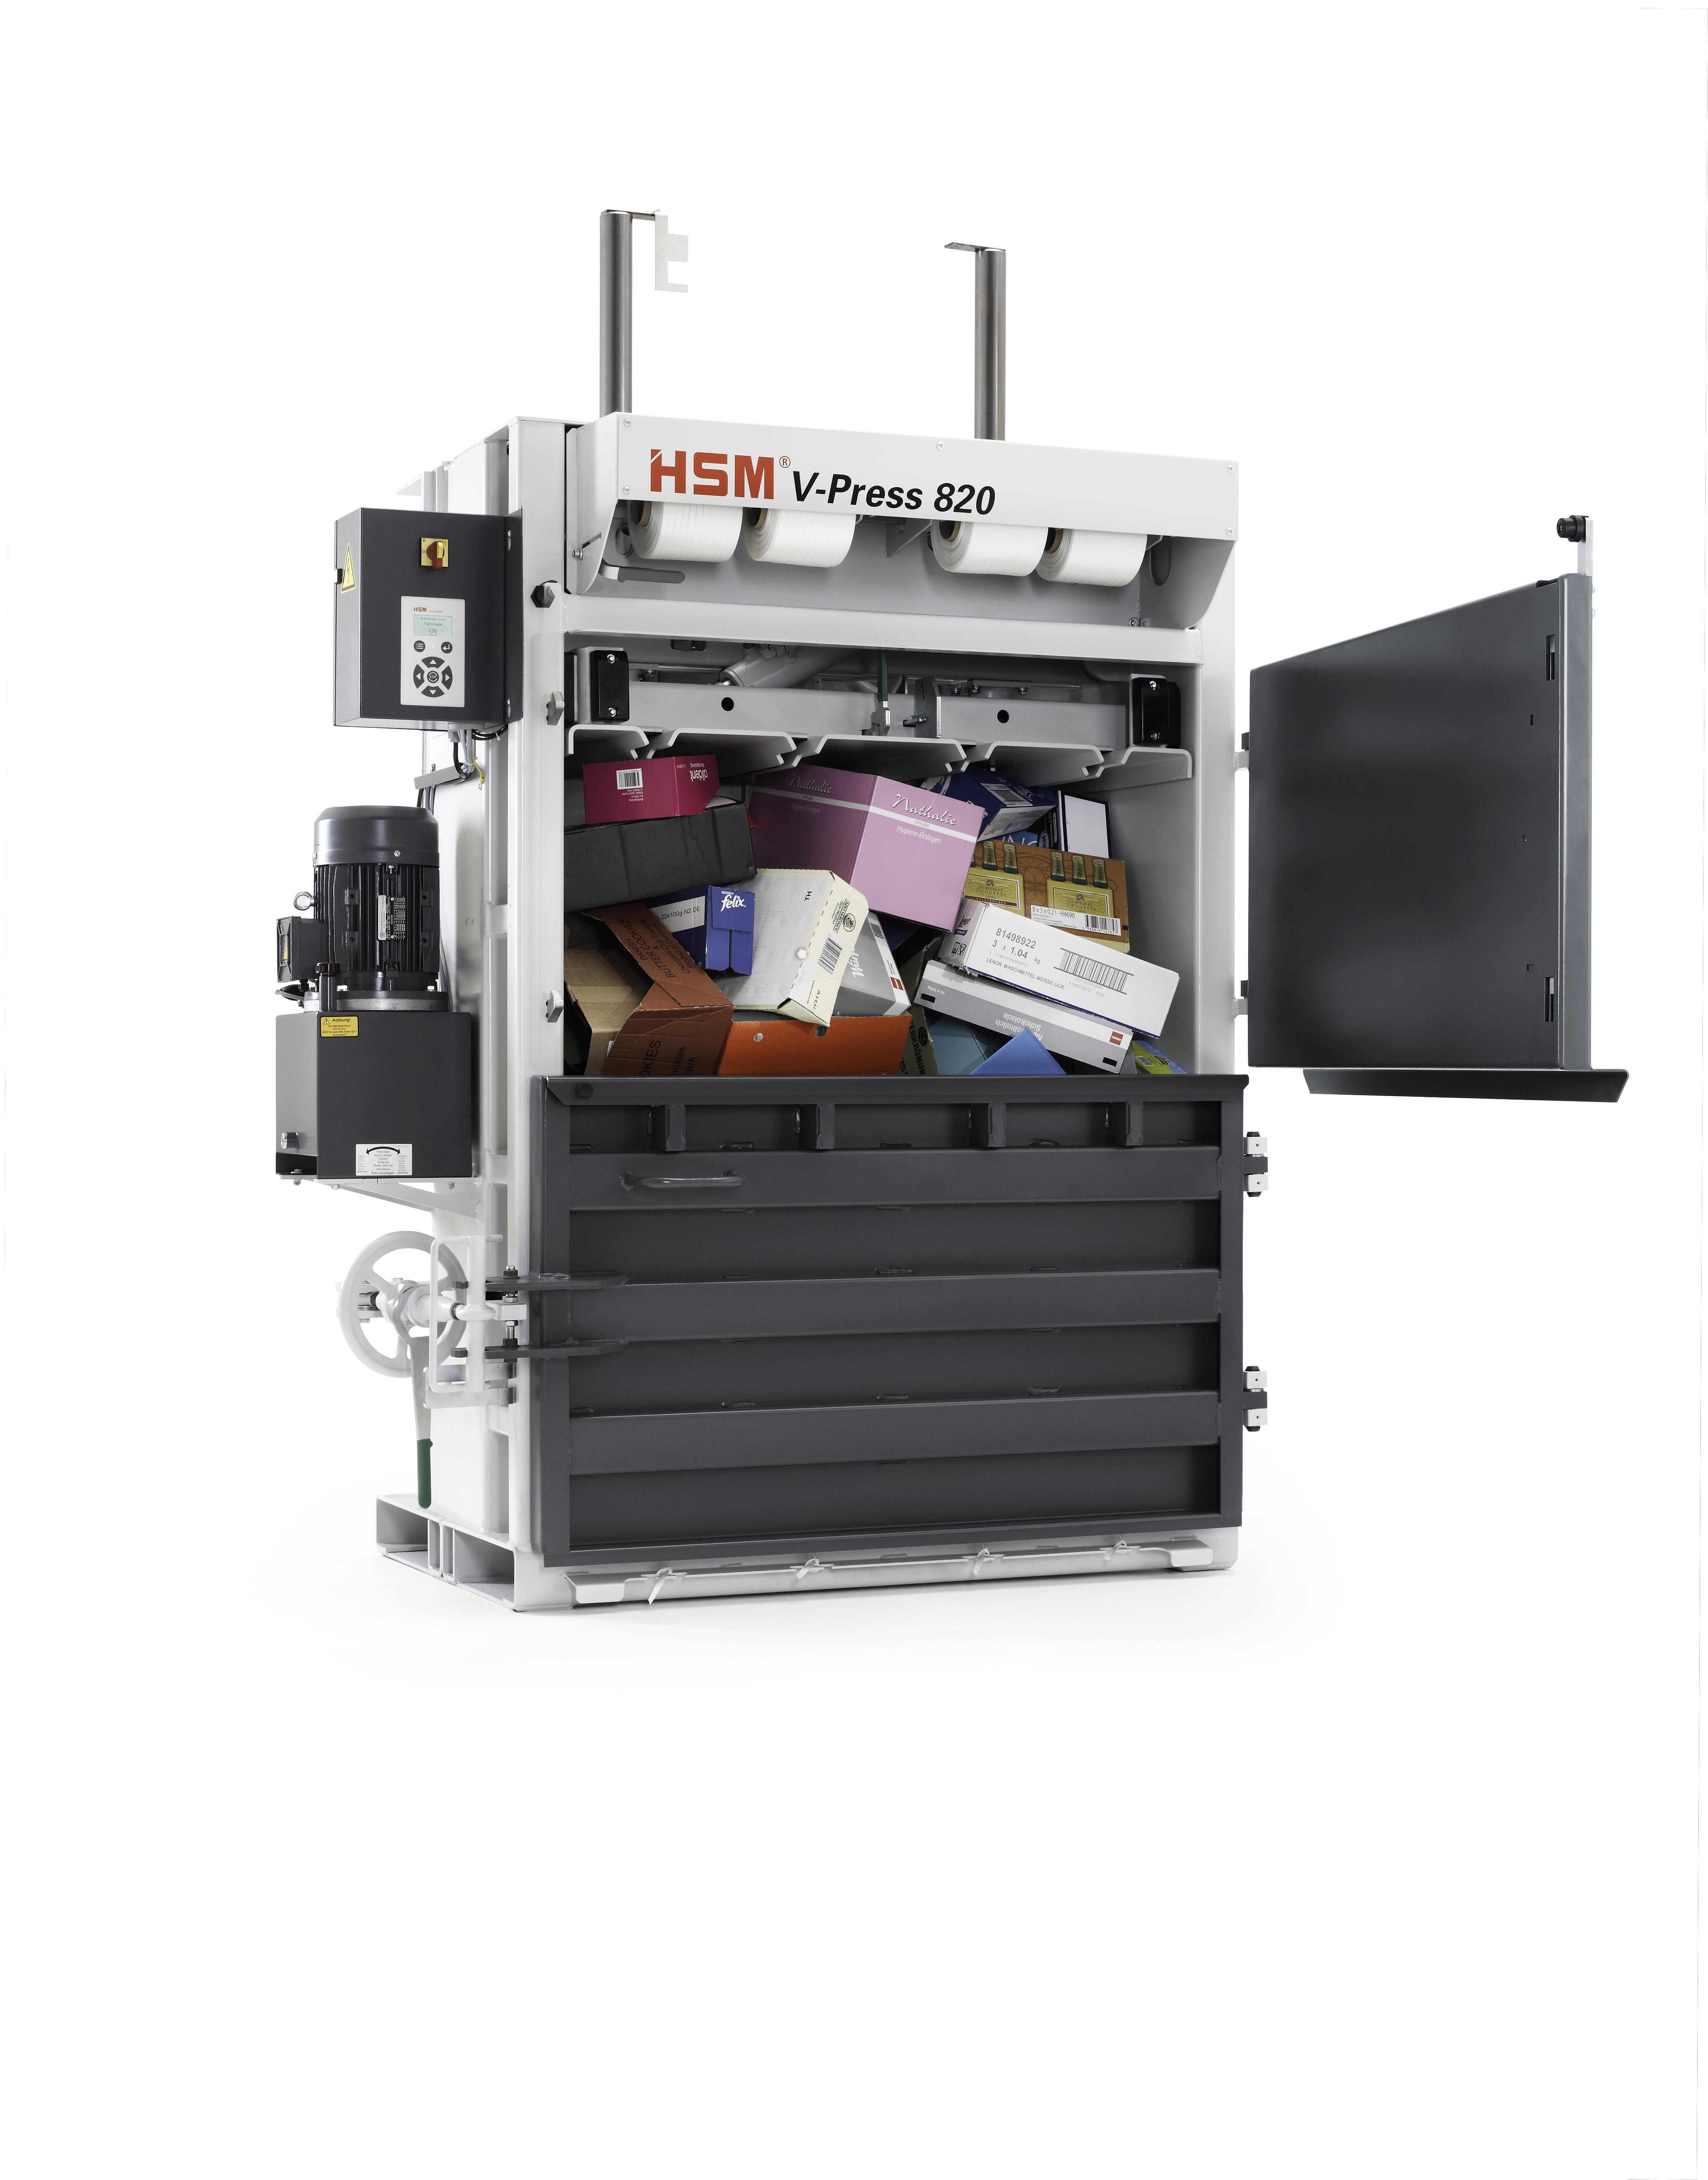 Die HSM Vertikal-Ballenpressen der Serie V-Press eignen sich durch Ihre Maße, Kosten und Leistungsmerkmale hervorragend